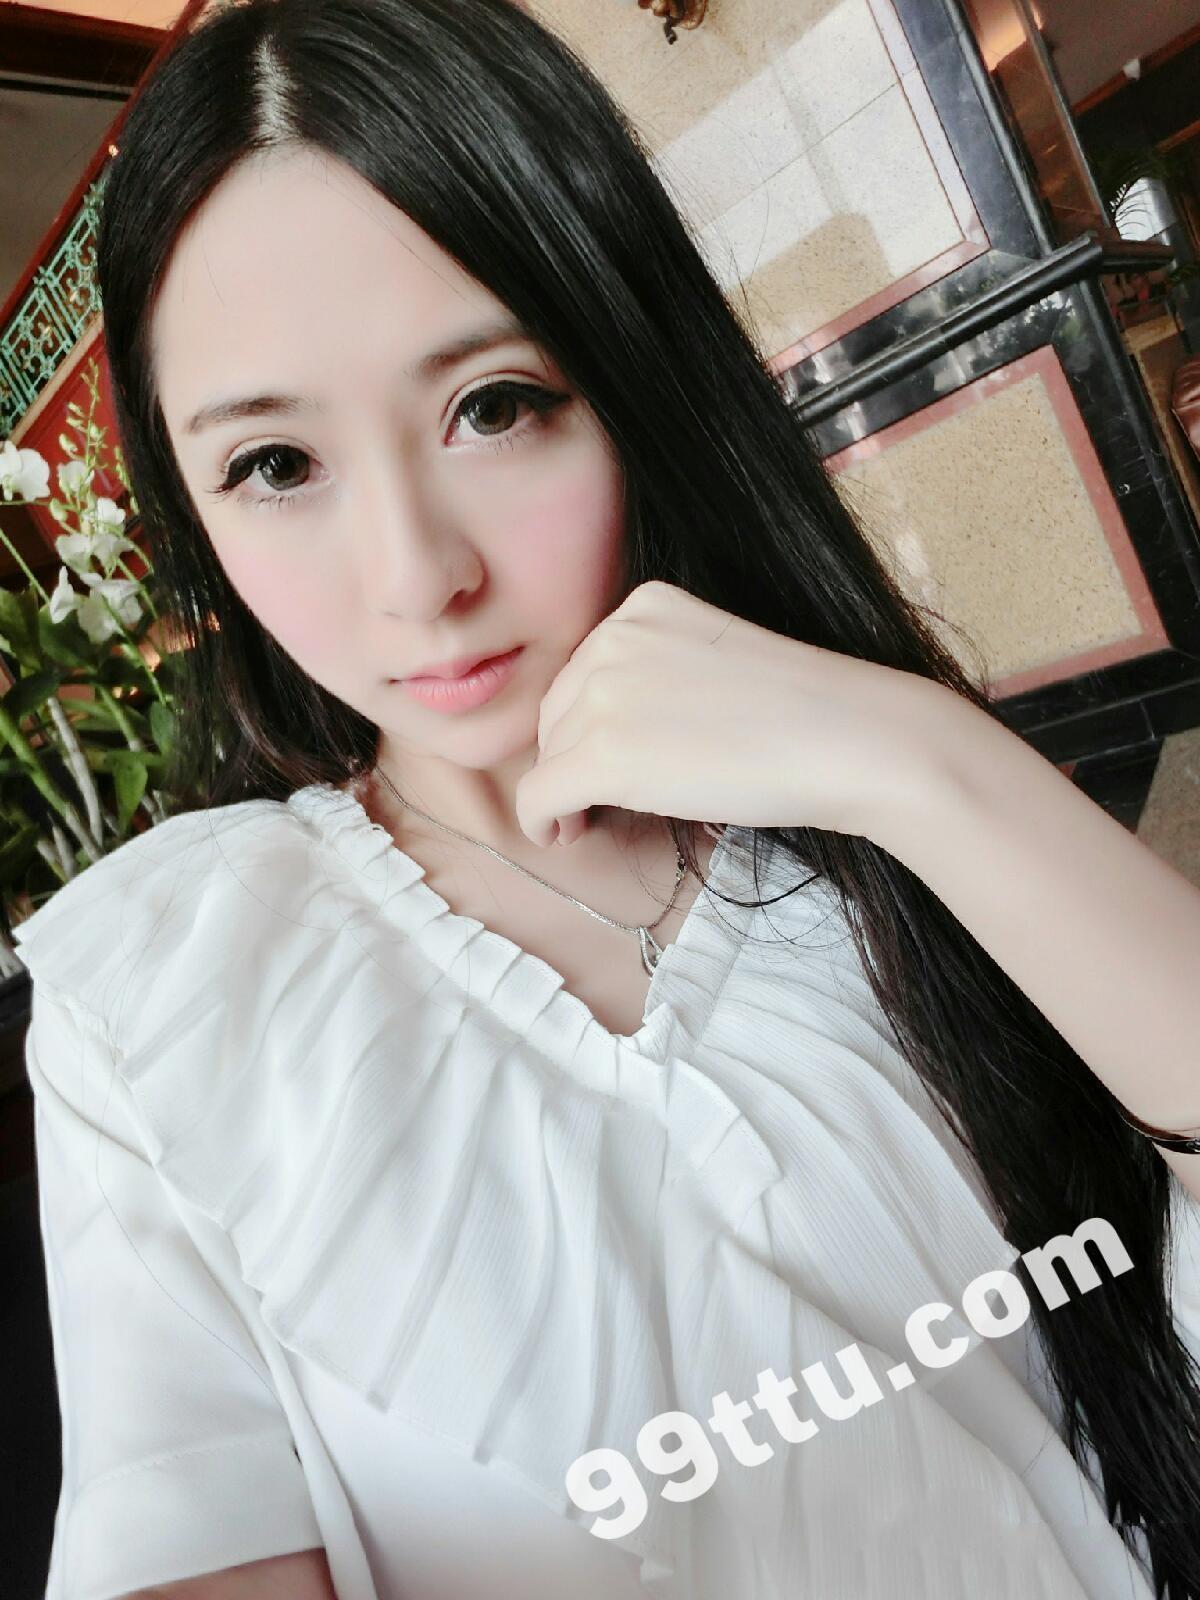 KK62_304张图+21视频 时尚美女网恋真实生活照-5